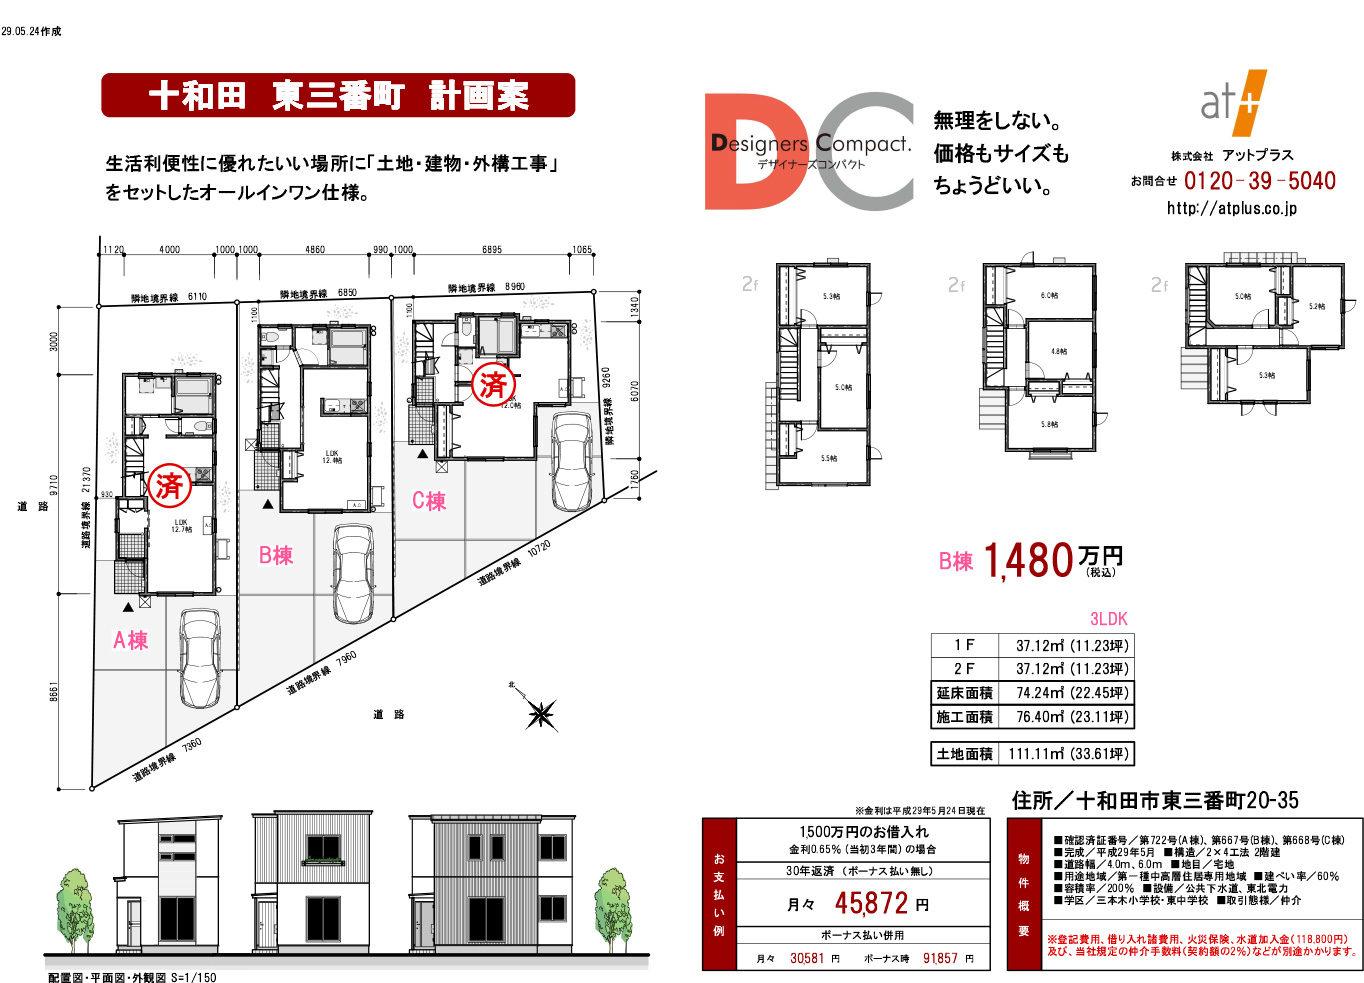 十和田 東三番町 計画案